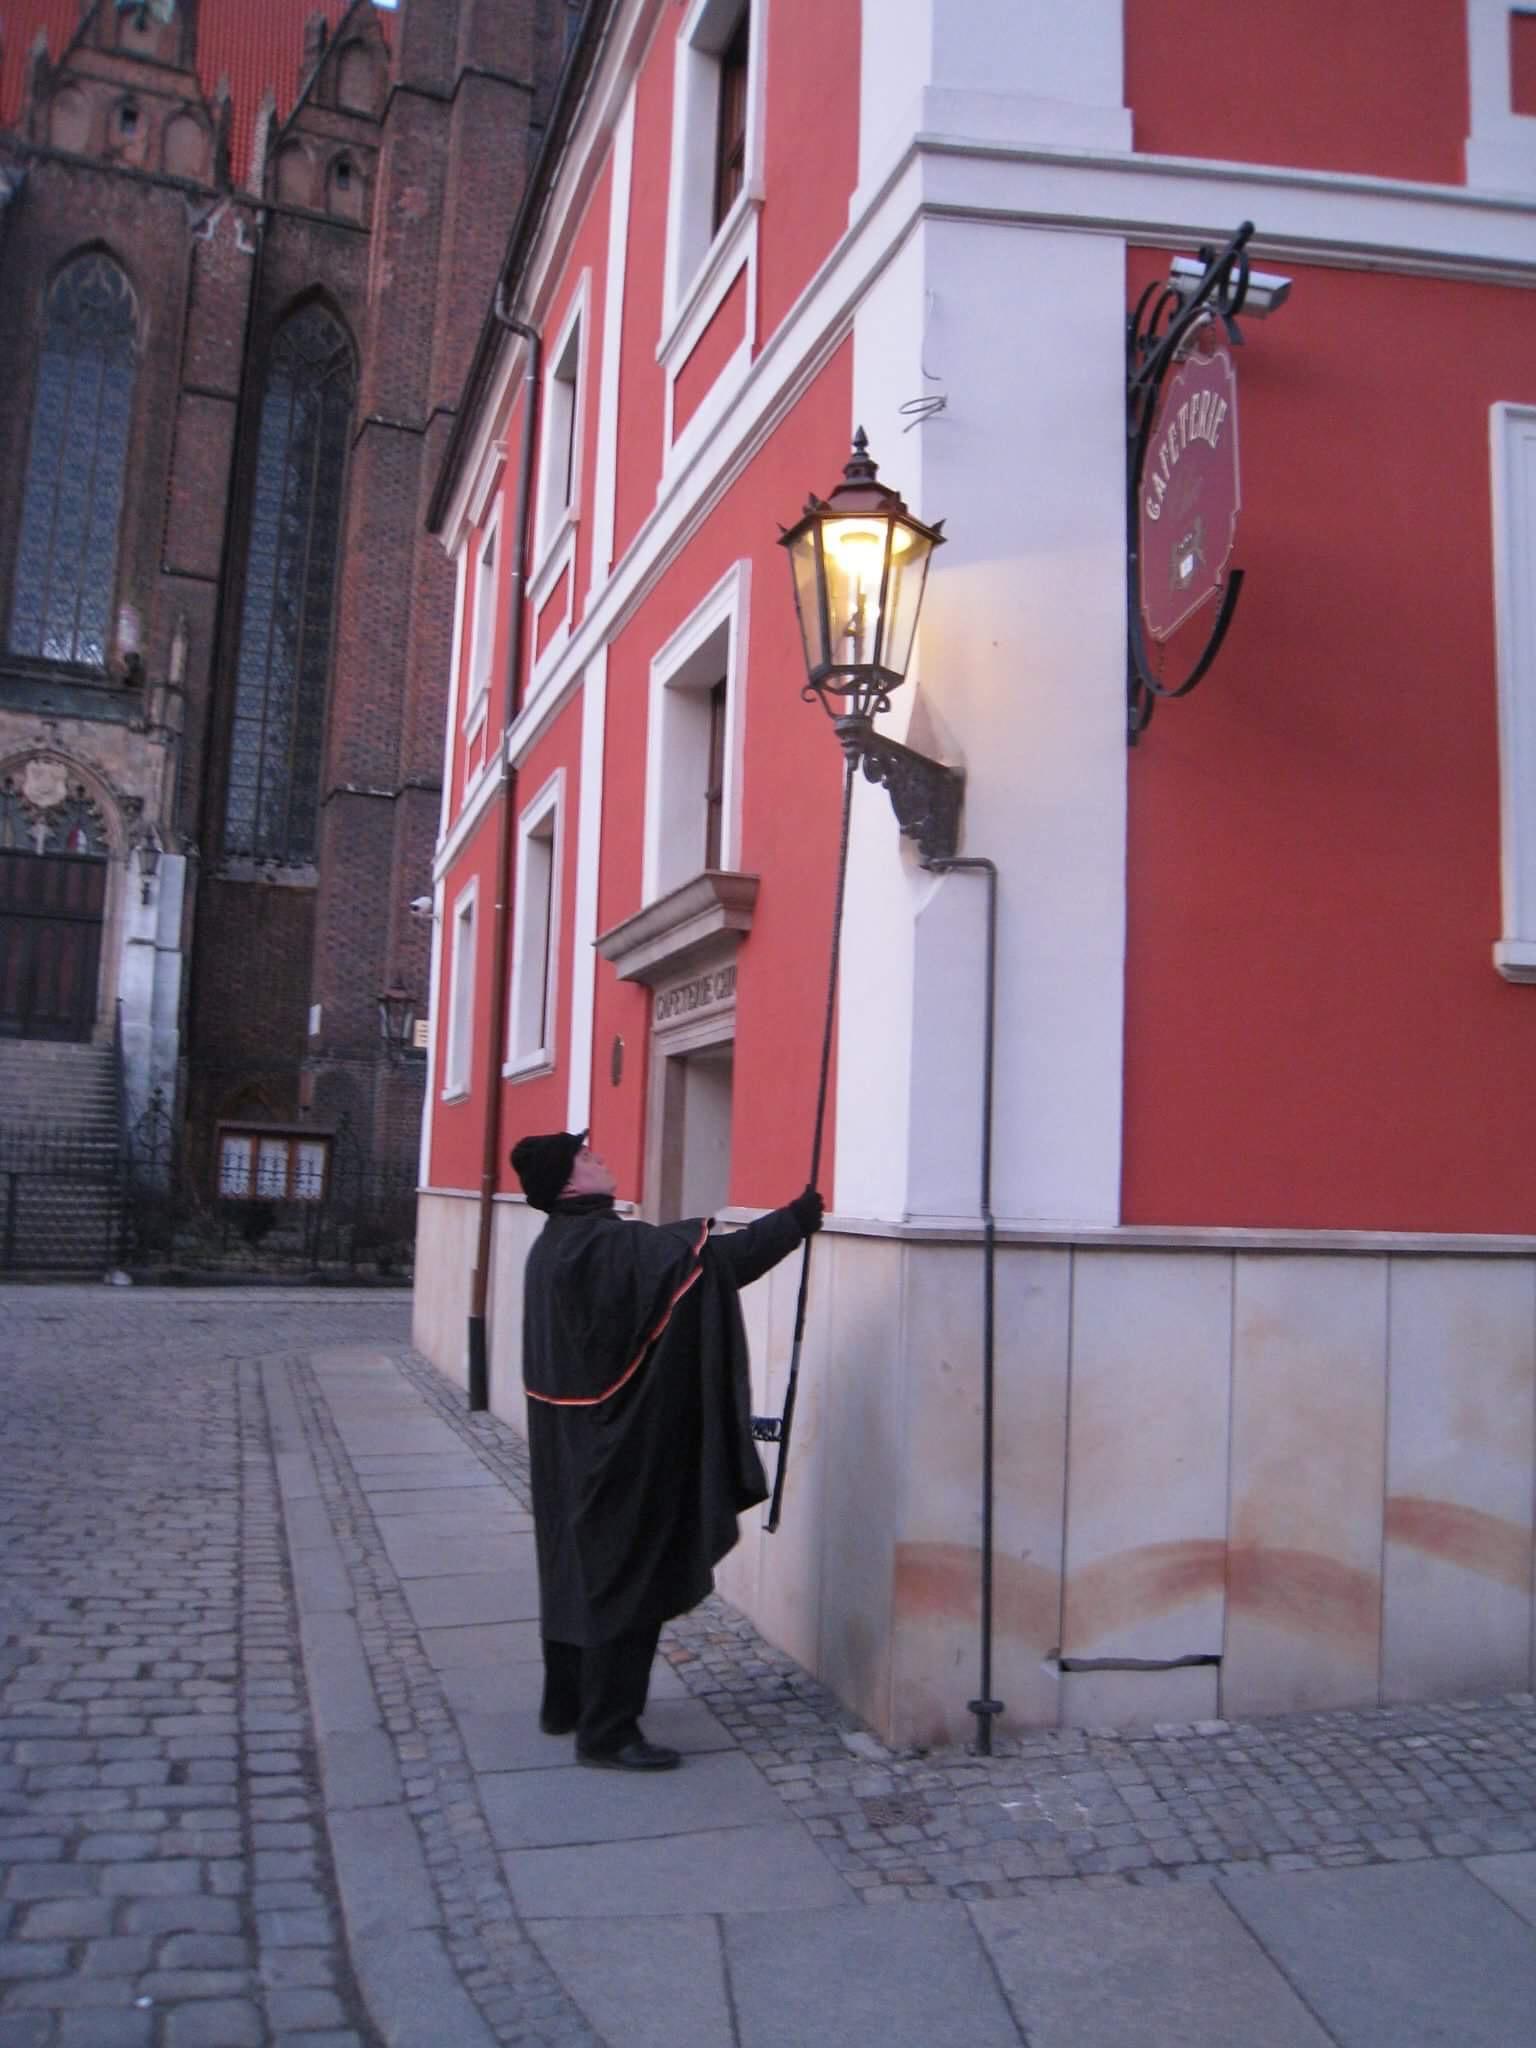 Фонарщик зажег газовый фонарь. Огонь разгорелся. Вроцлав. Польша.